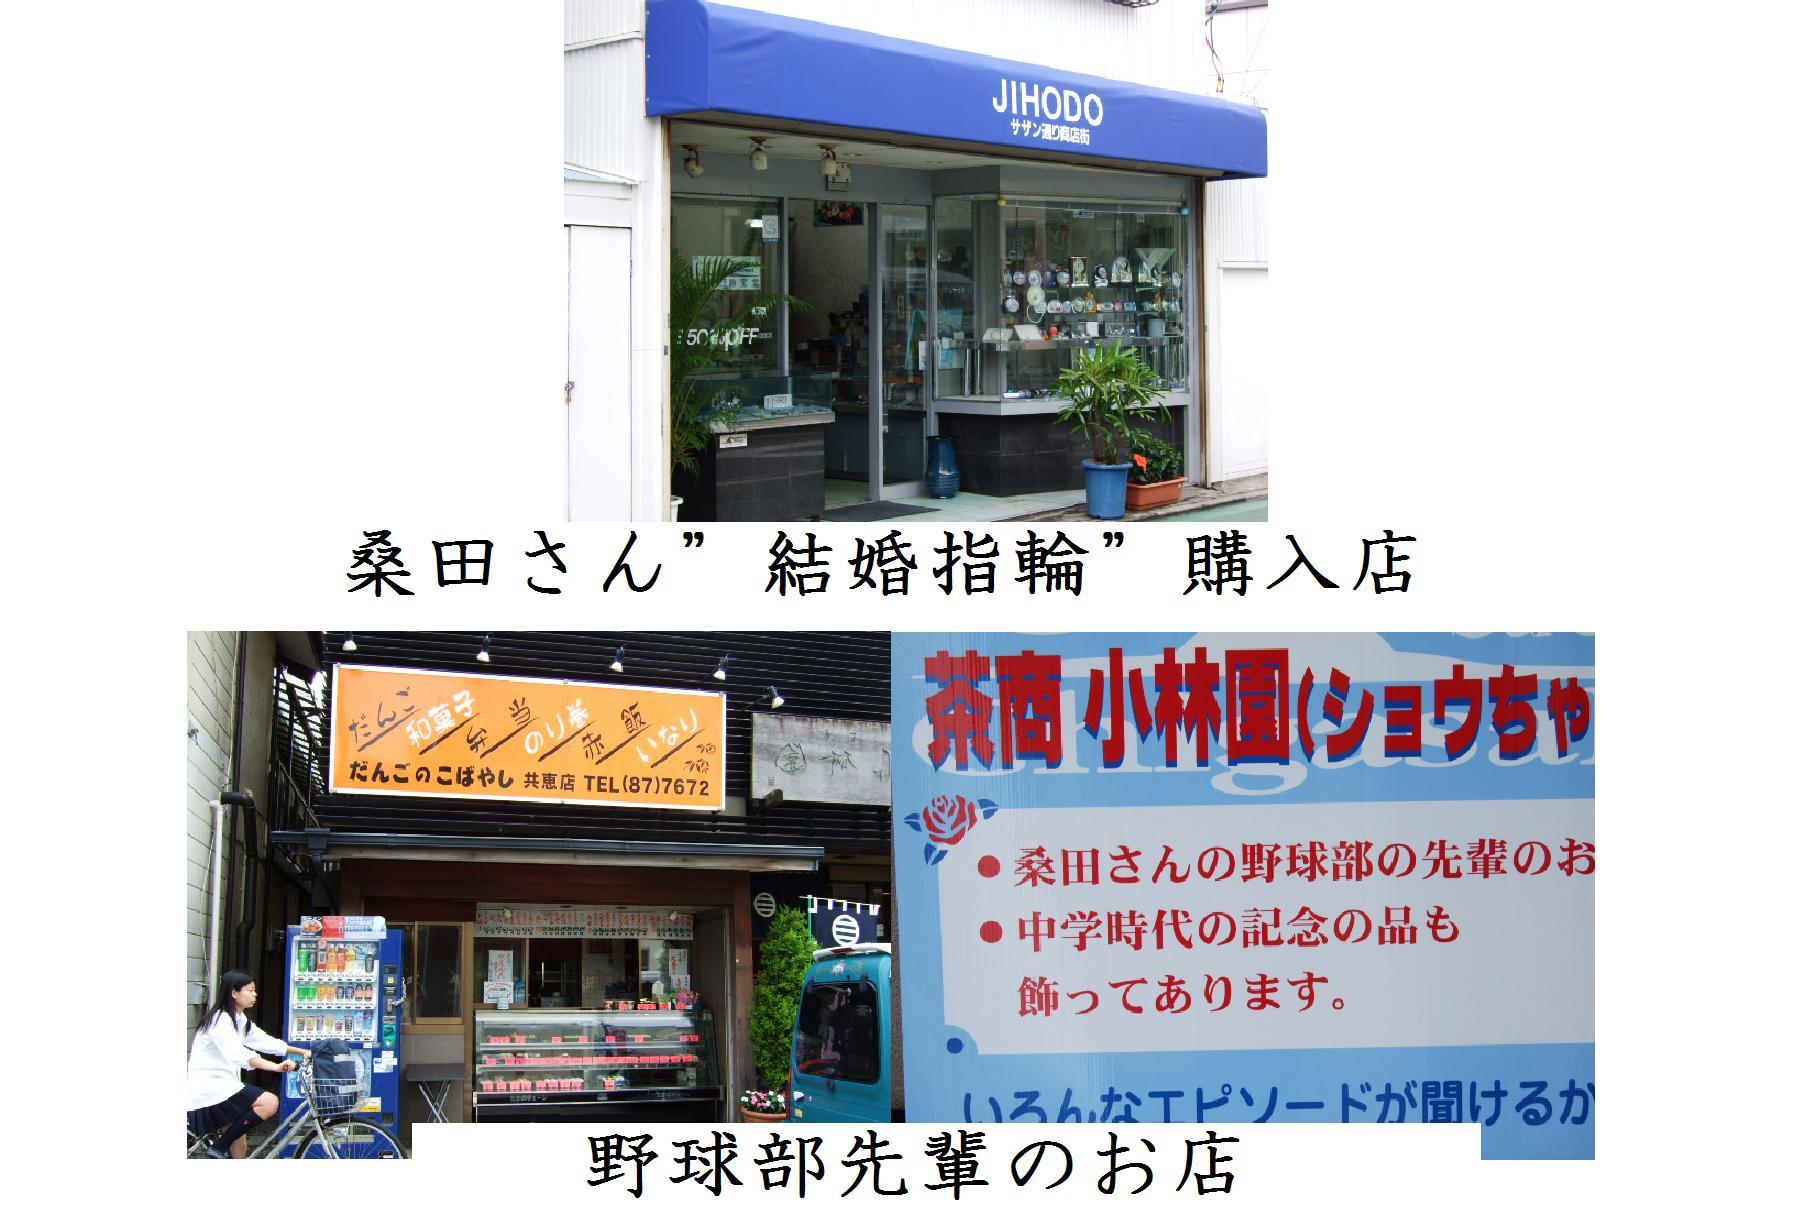 茅ケ崎サザン通りは、大盛況?_b0137932_18444737.jpg